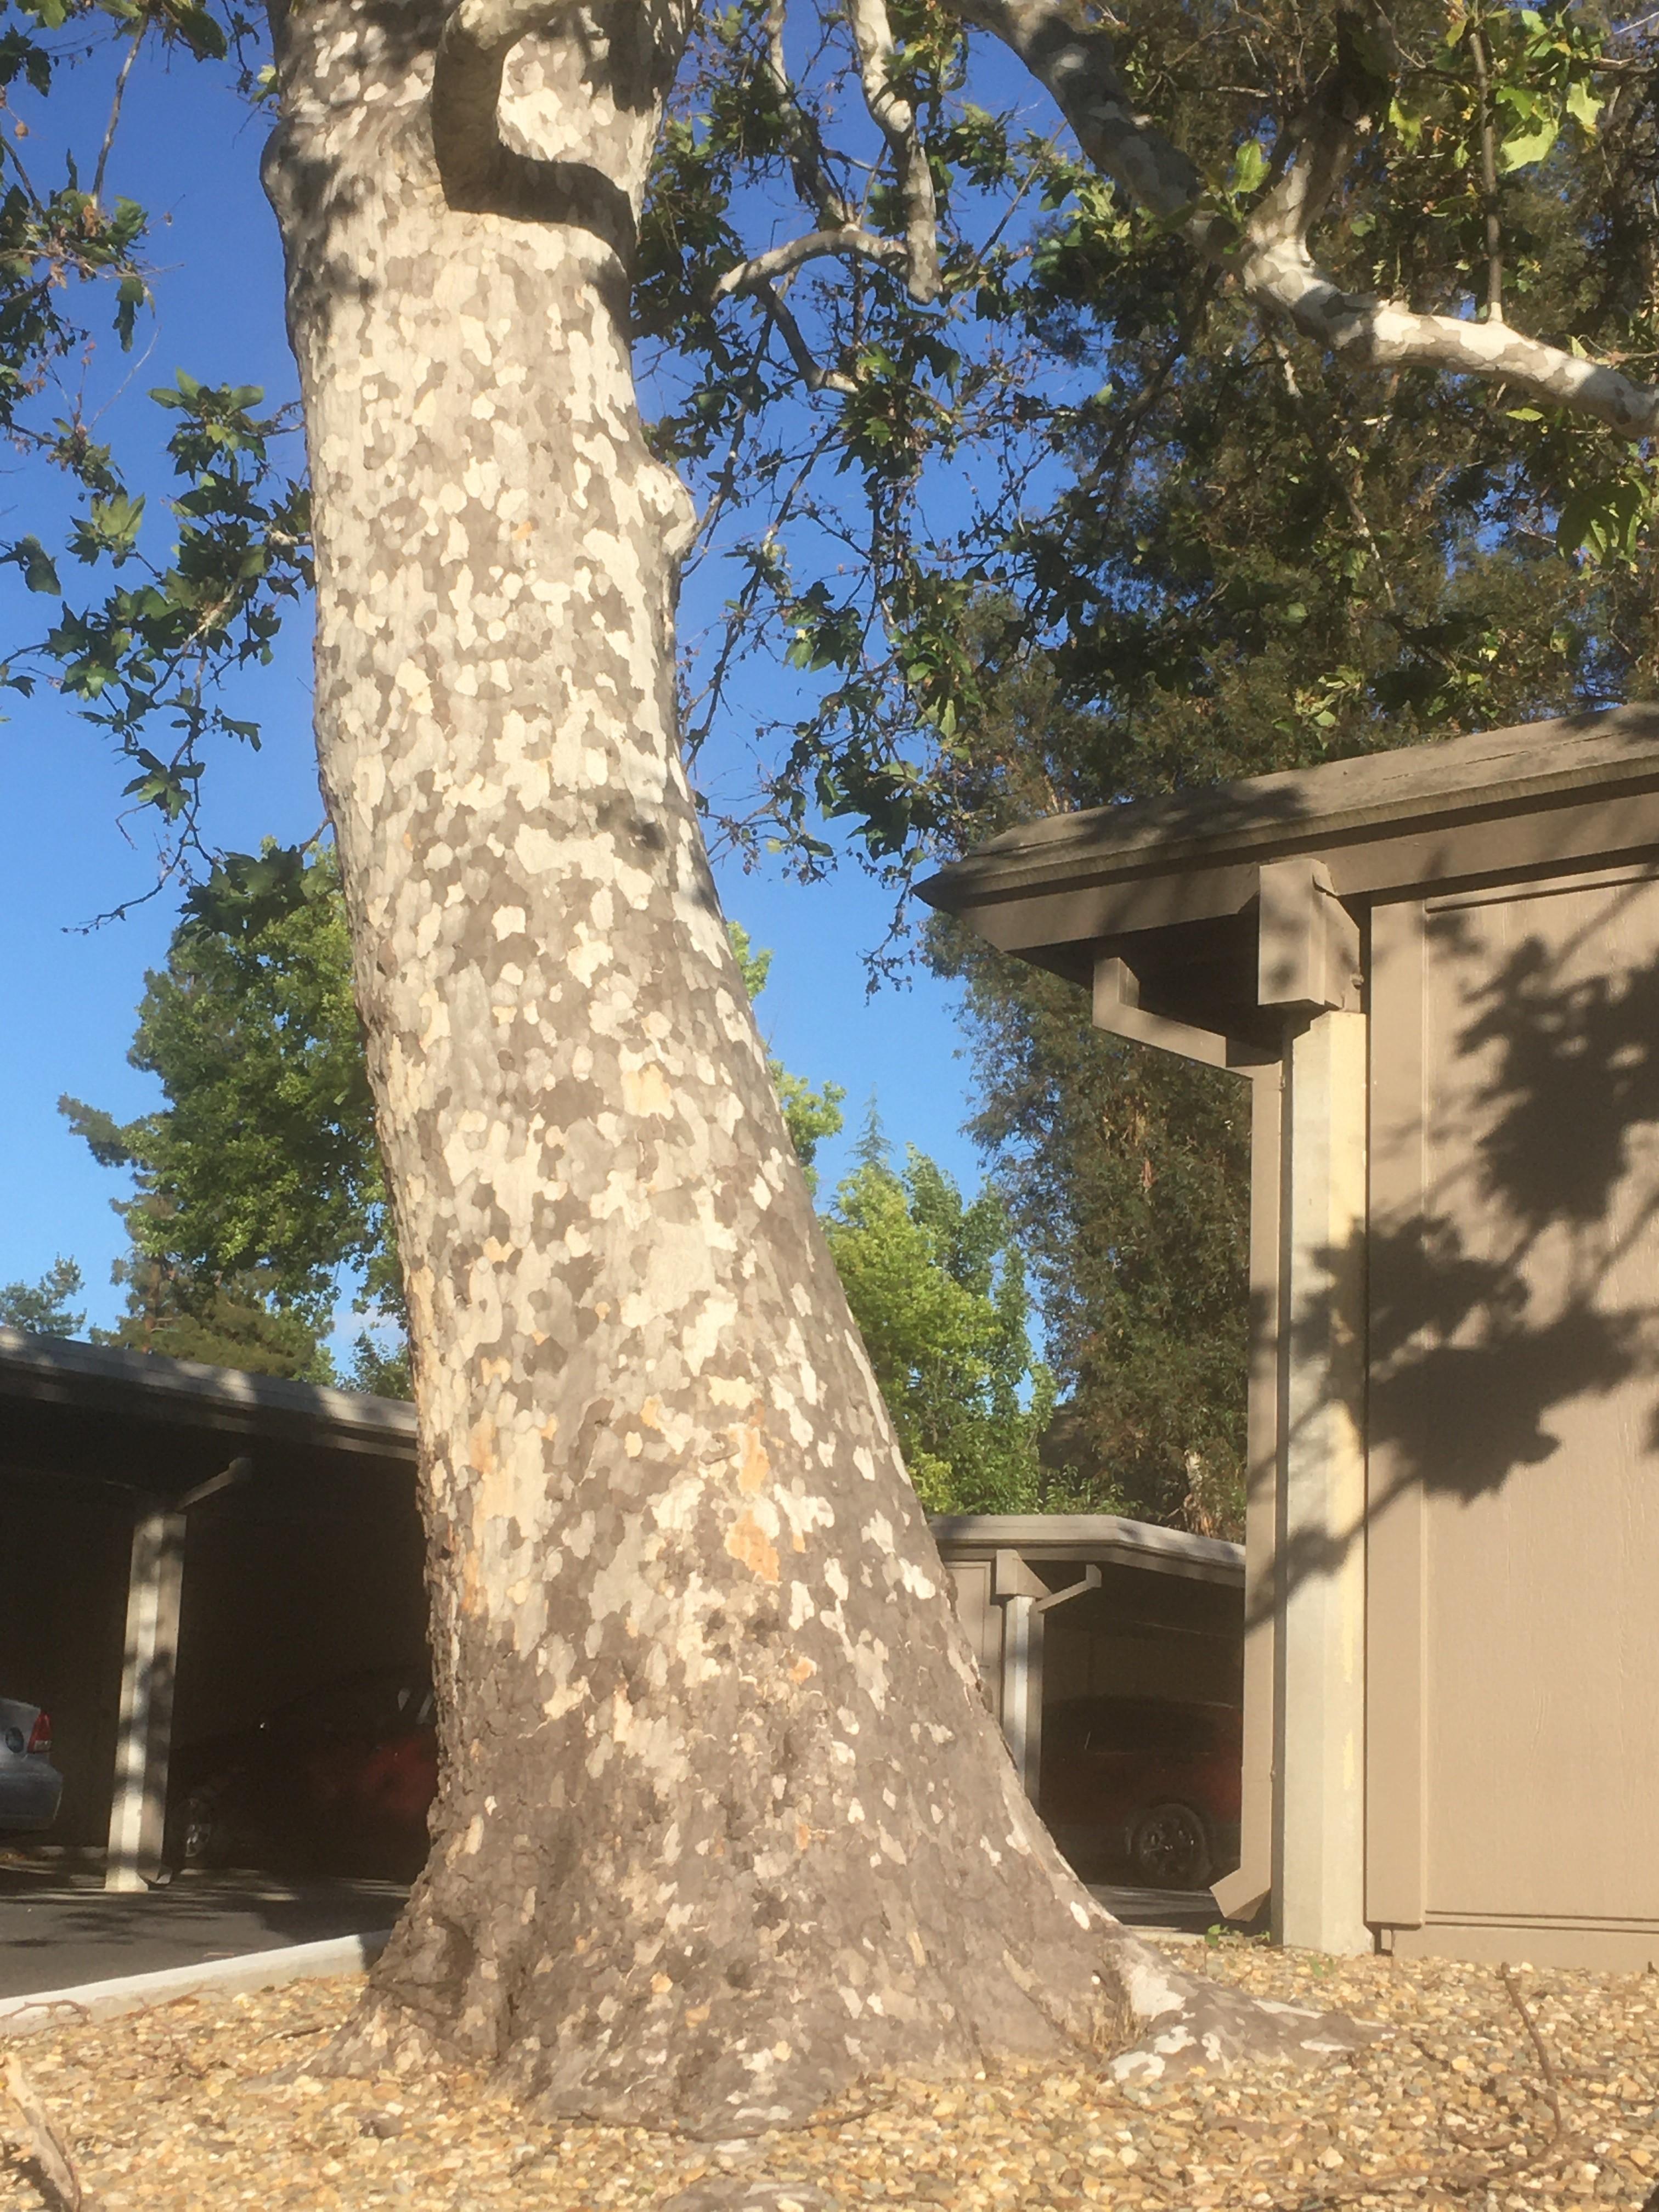 Dappled tree trunk